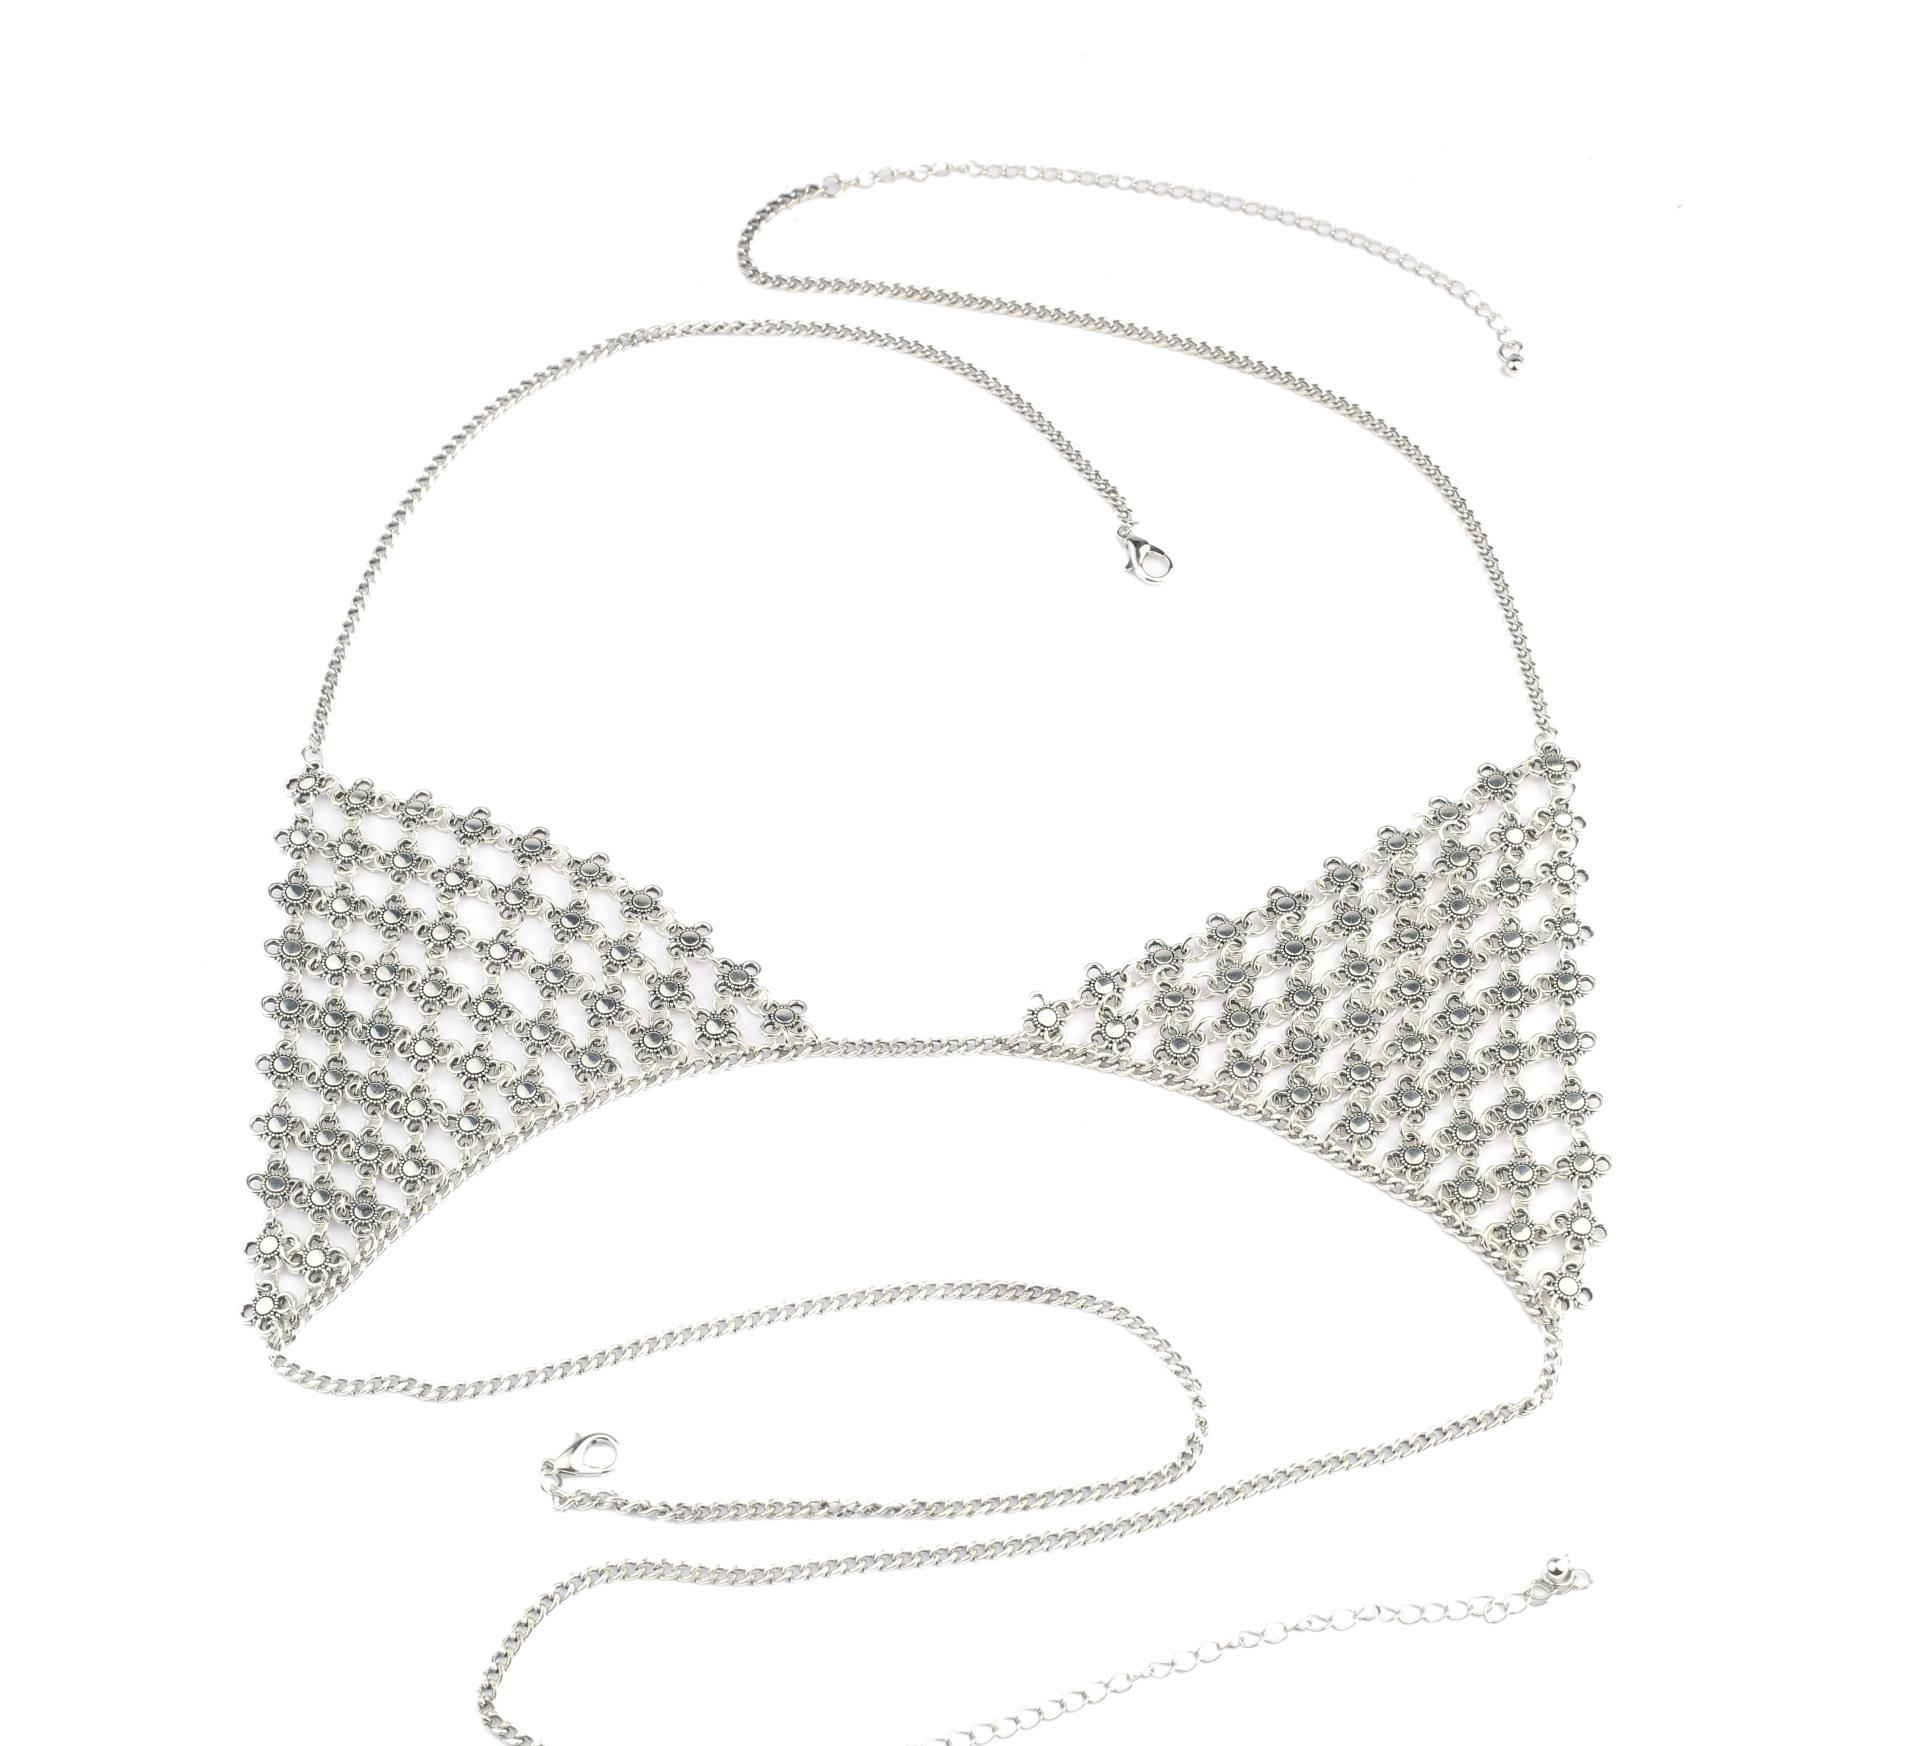 欧美手工饰品 复古夸张性感沙滩 瑜伽衣饰金属小花身体链